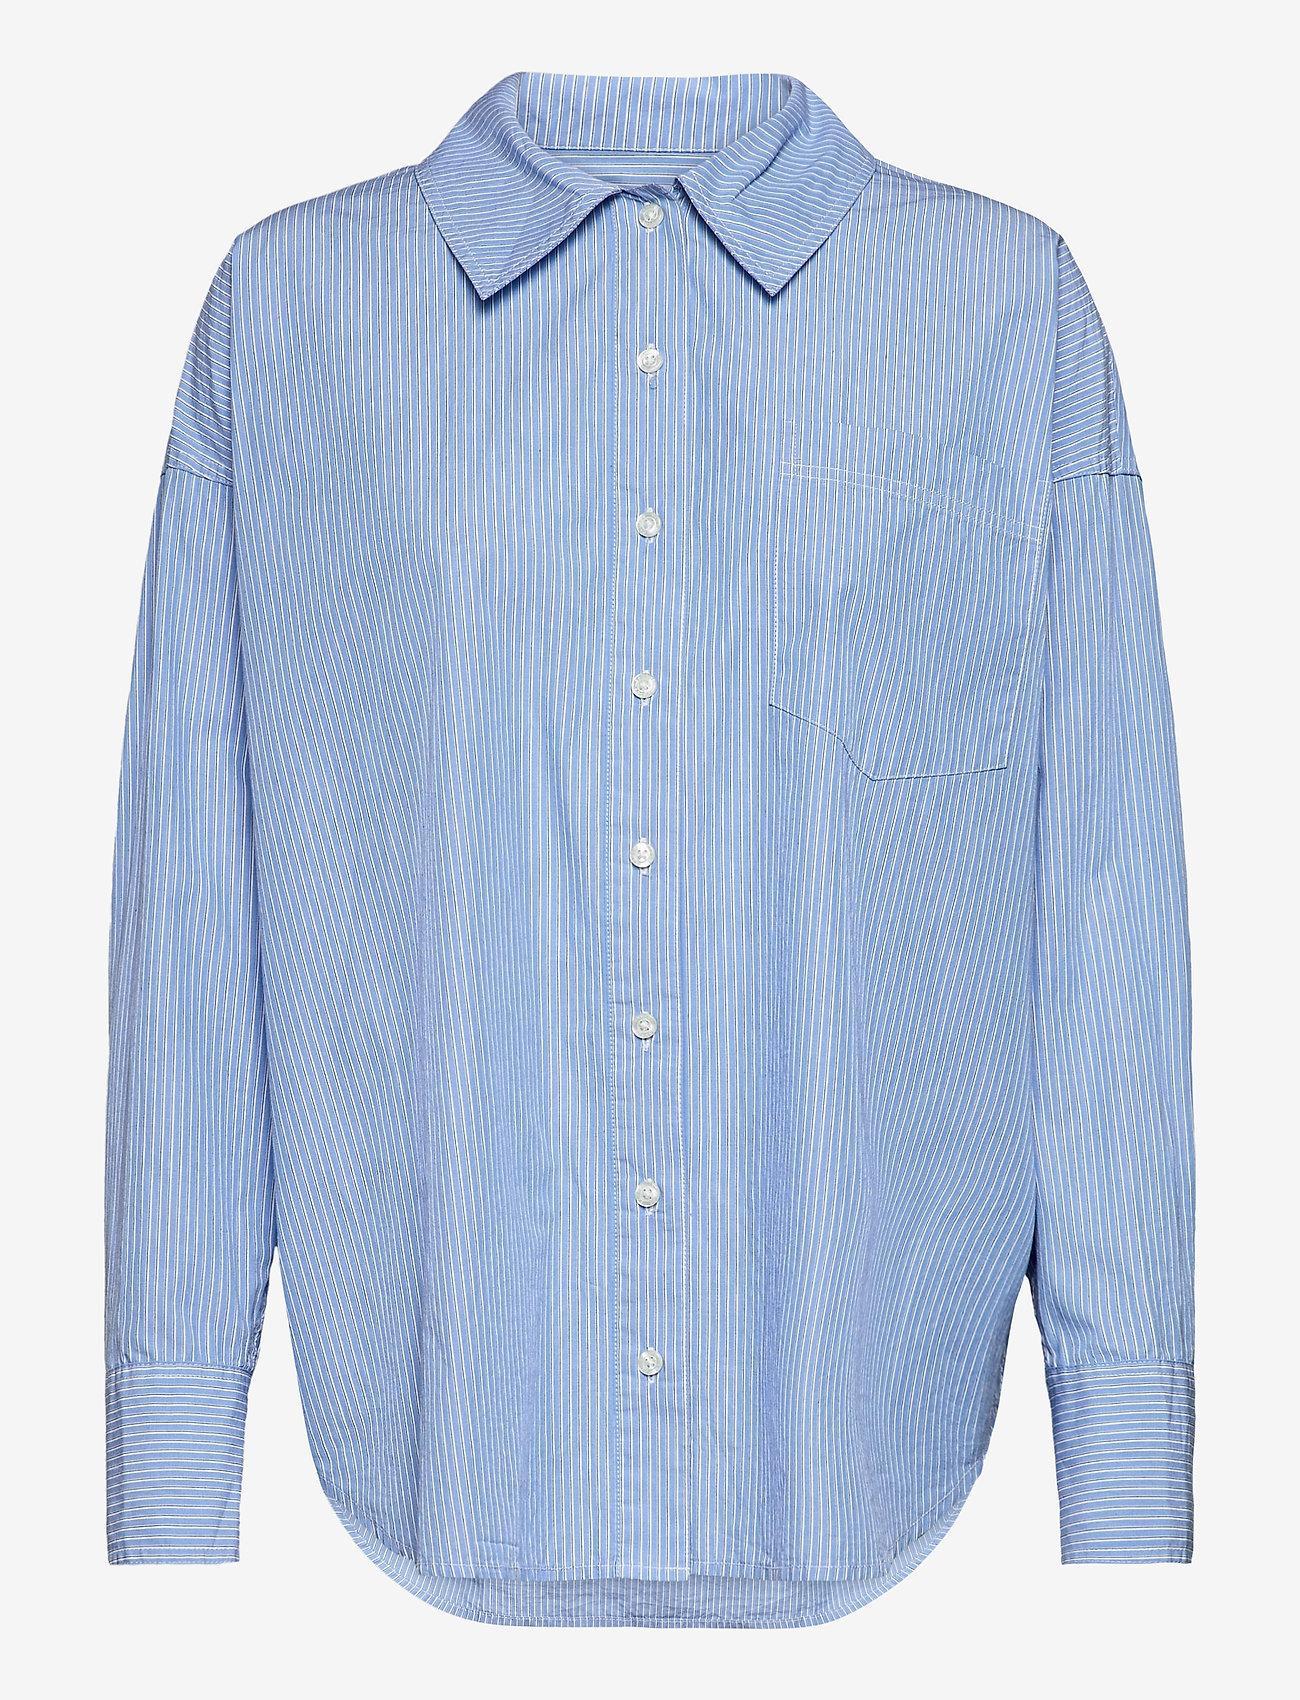 Samsøe Samsøe - Arielle shirt 11466 - langærmede skjorter - dusty blue st. - 0